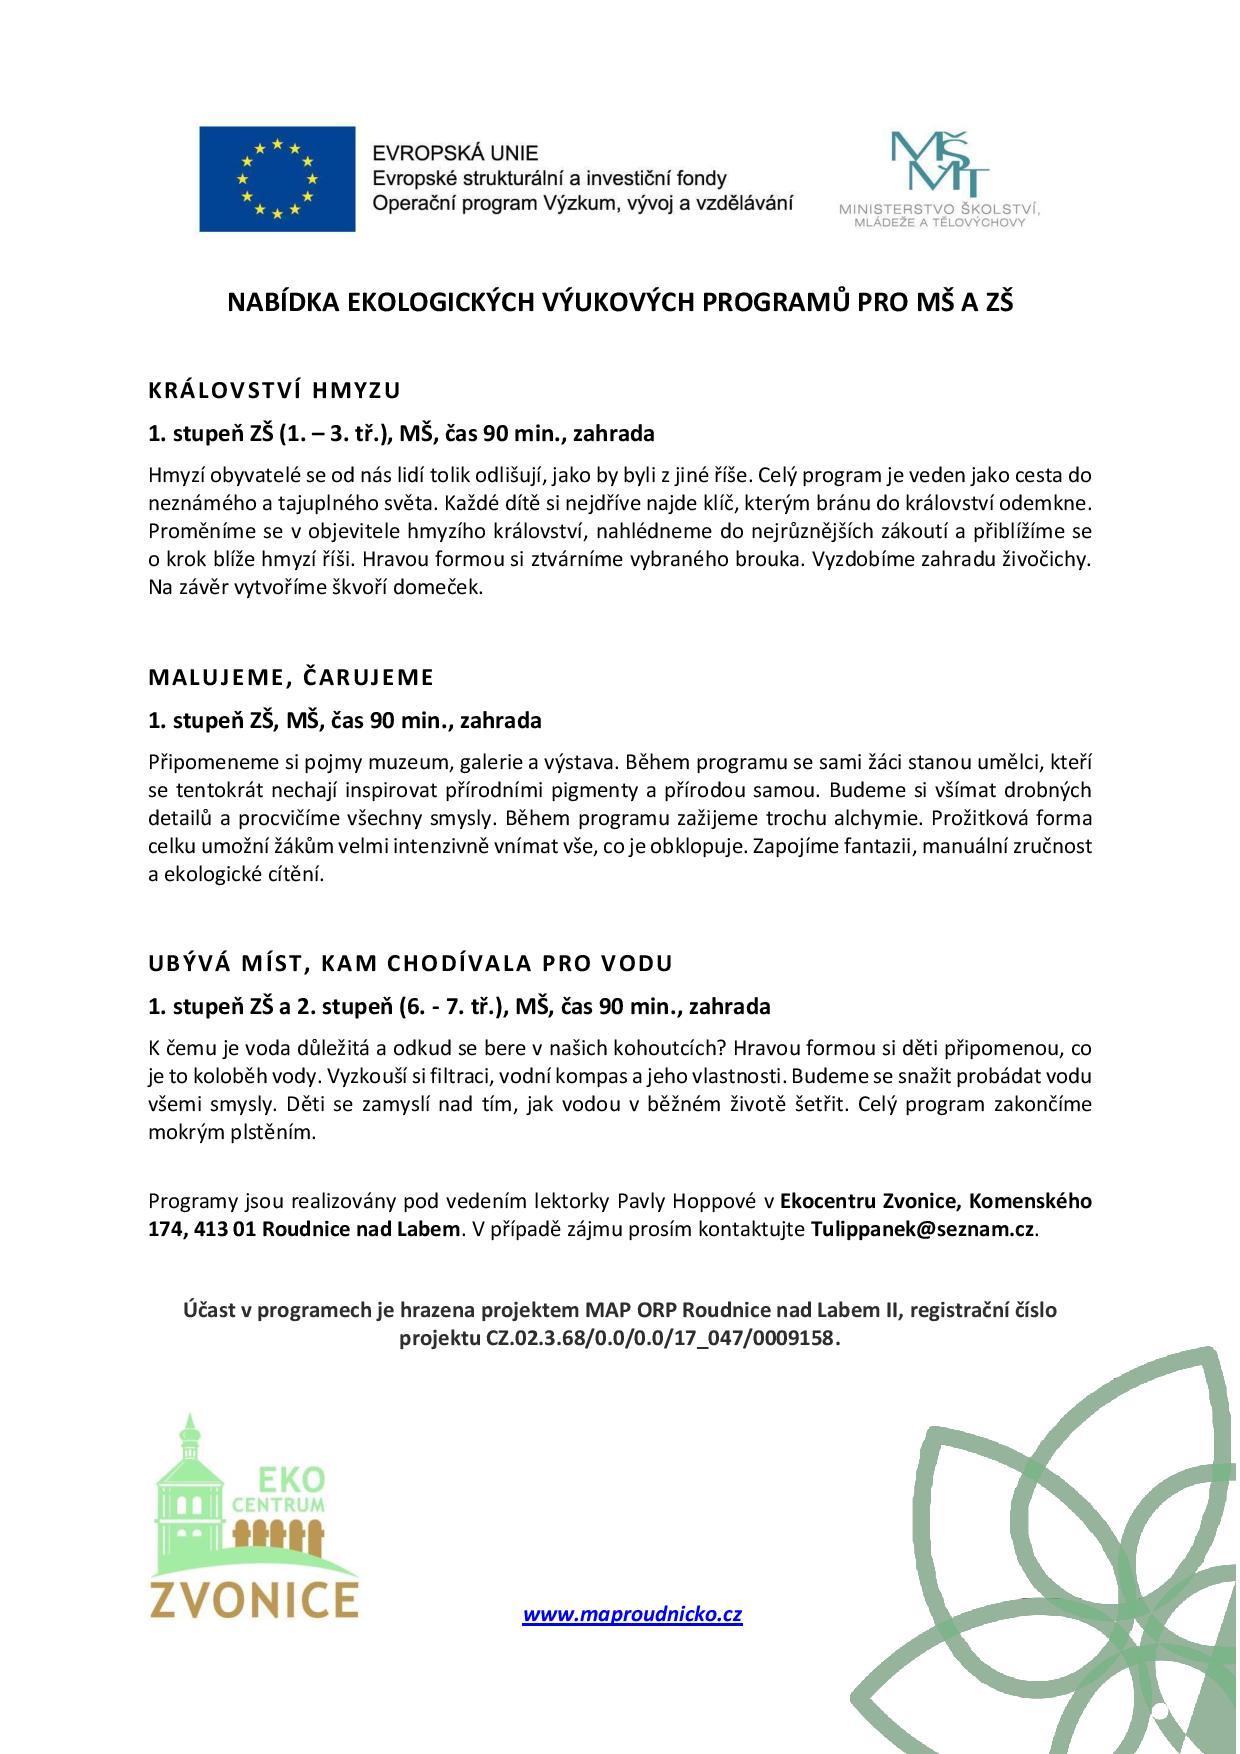 Ekologické výukové programy pro MŠ a ZŠ-page-001